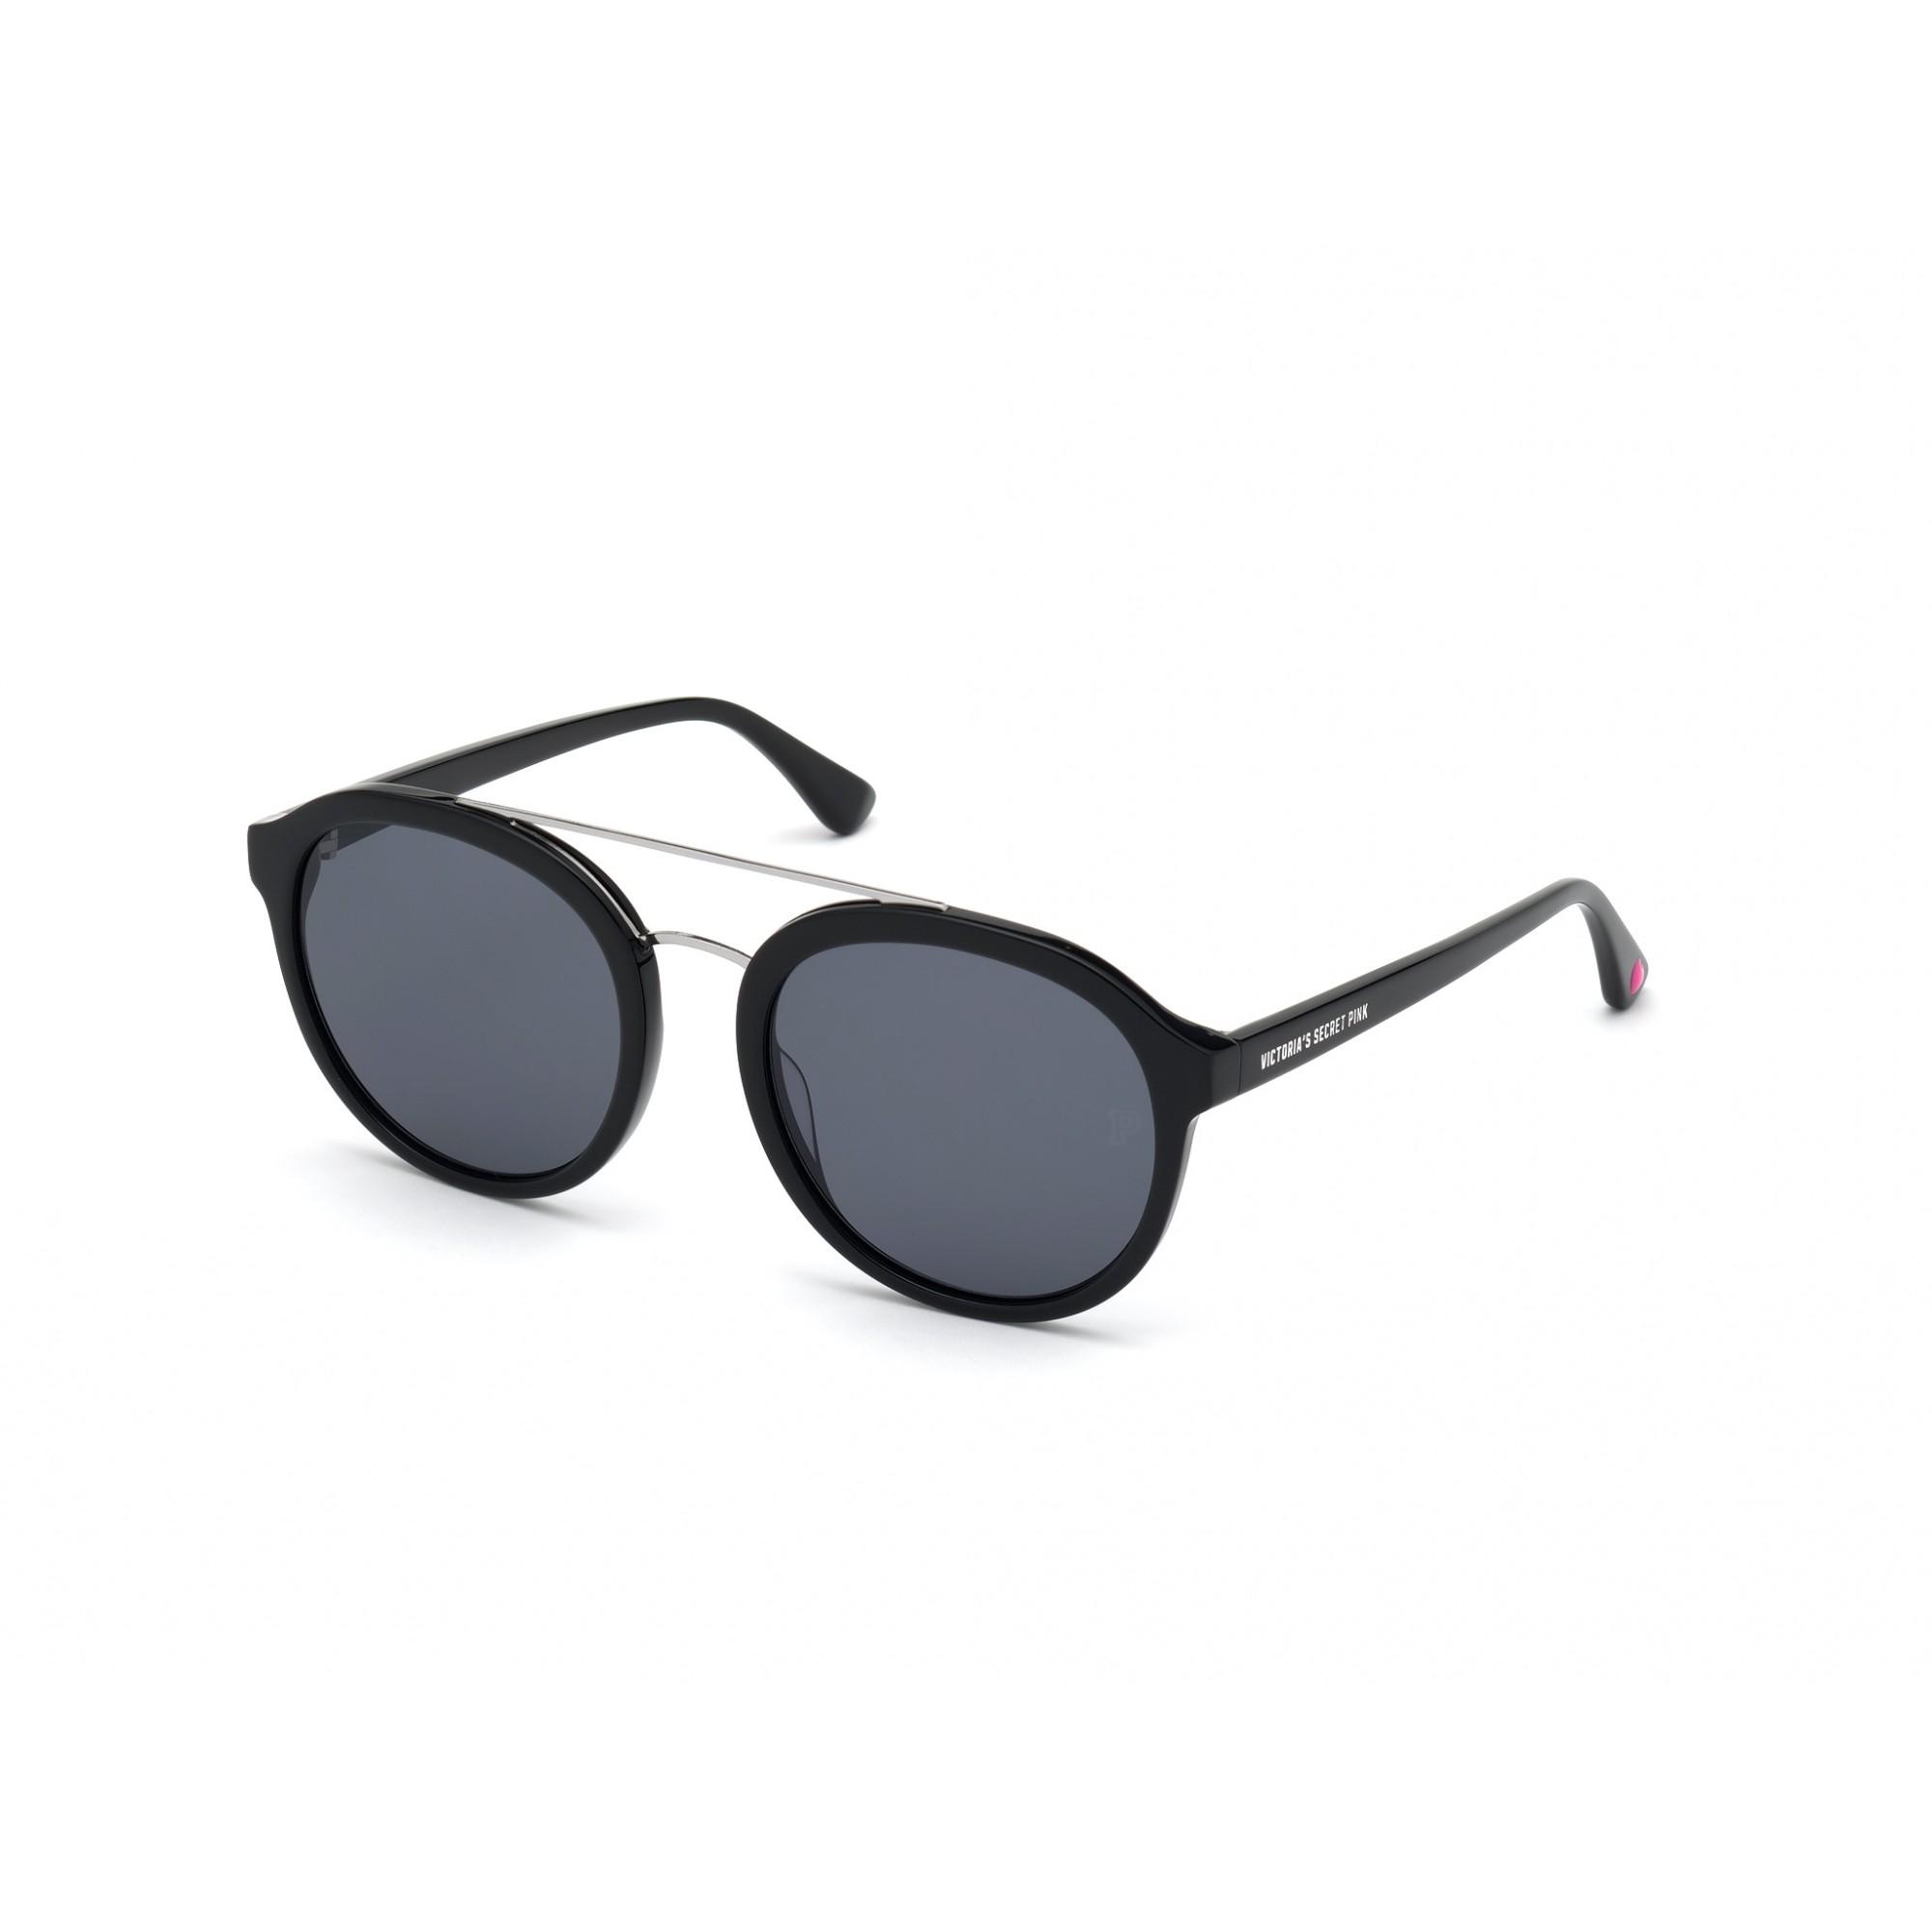 Óculos de Sol Victoria's Secret Pink Preto PK0021 - 01A/55